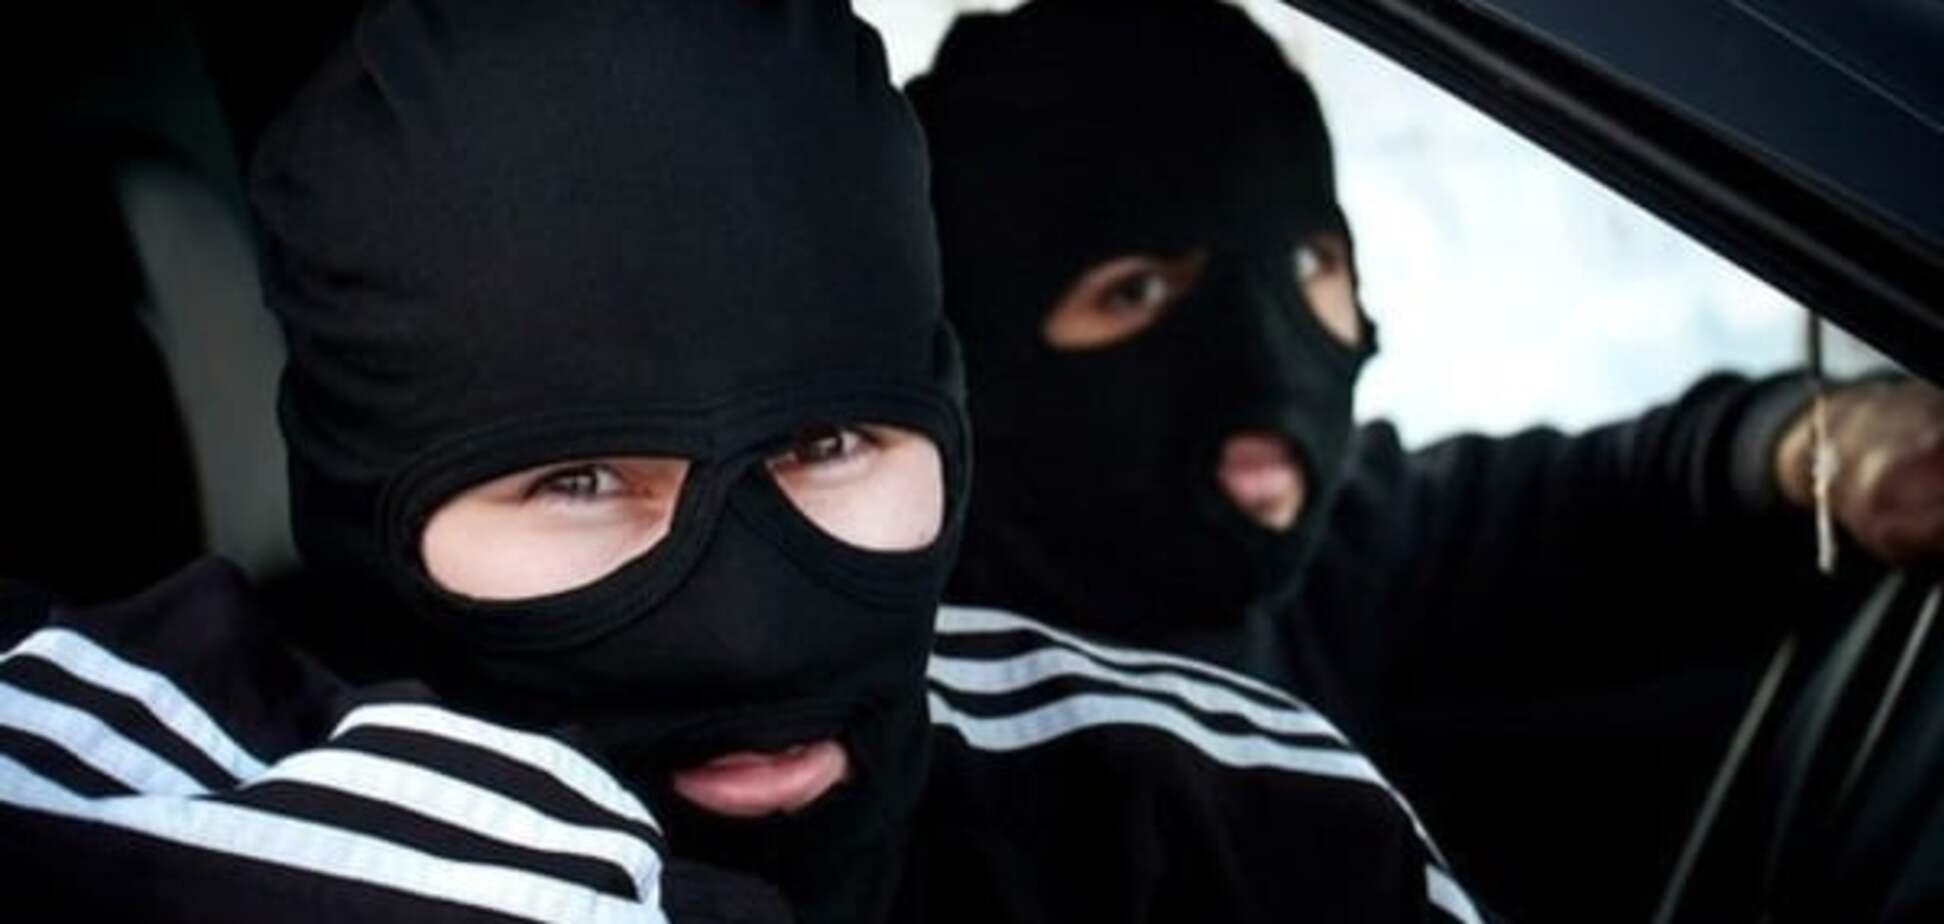 У Києві вночі бандити увірвалися в будинок і пограбували господаря